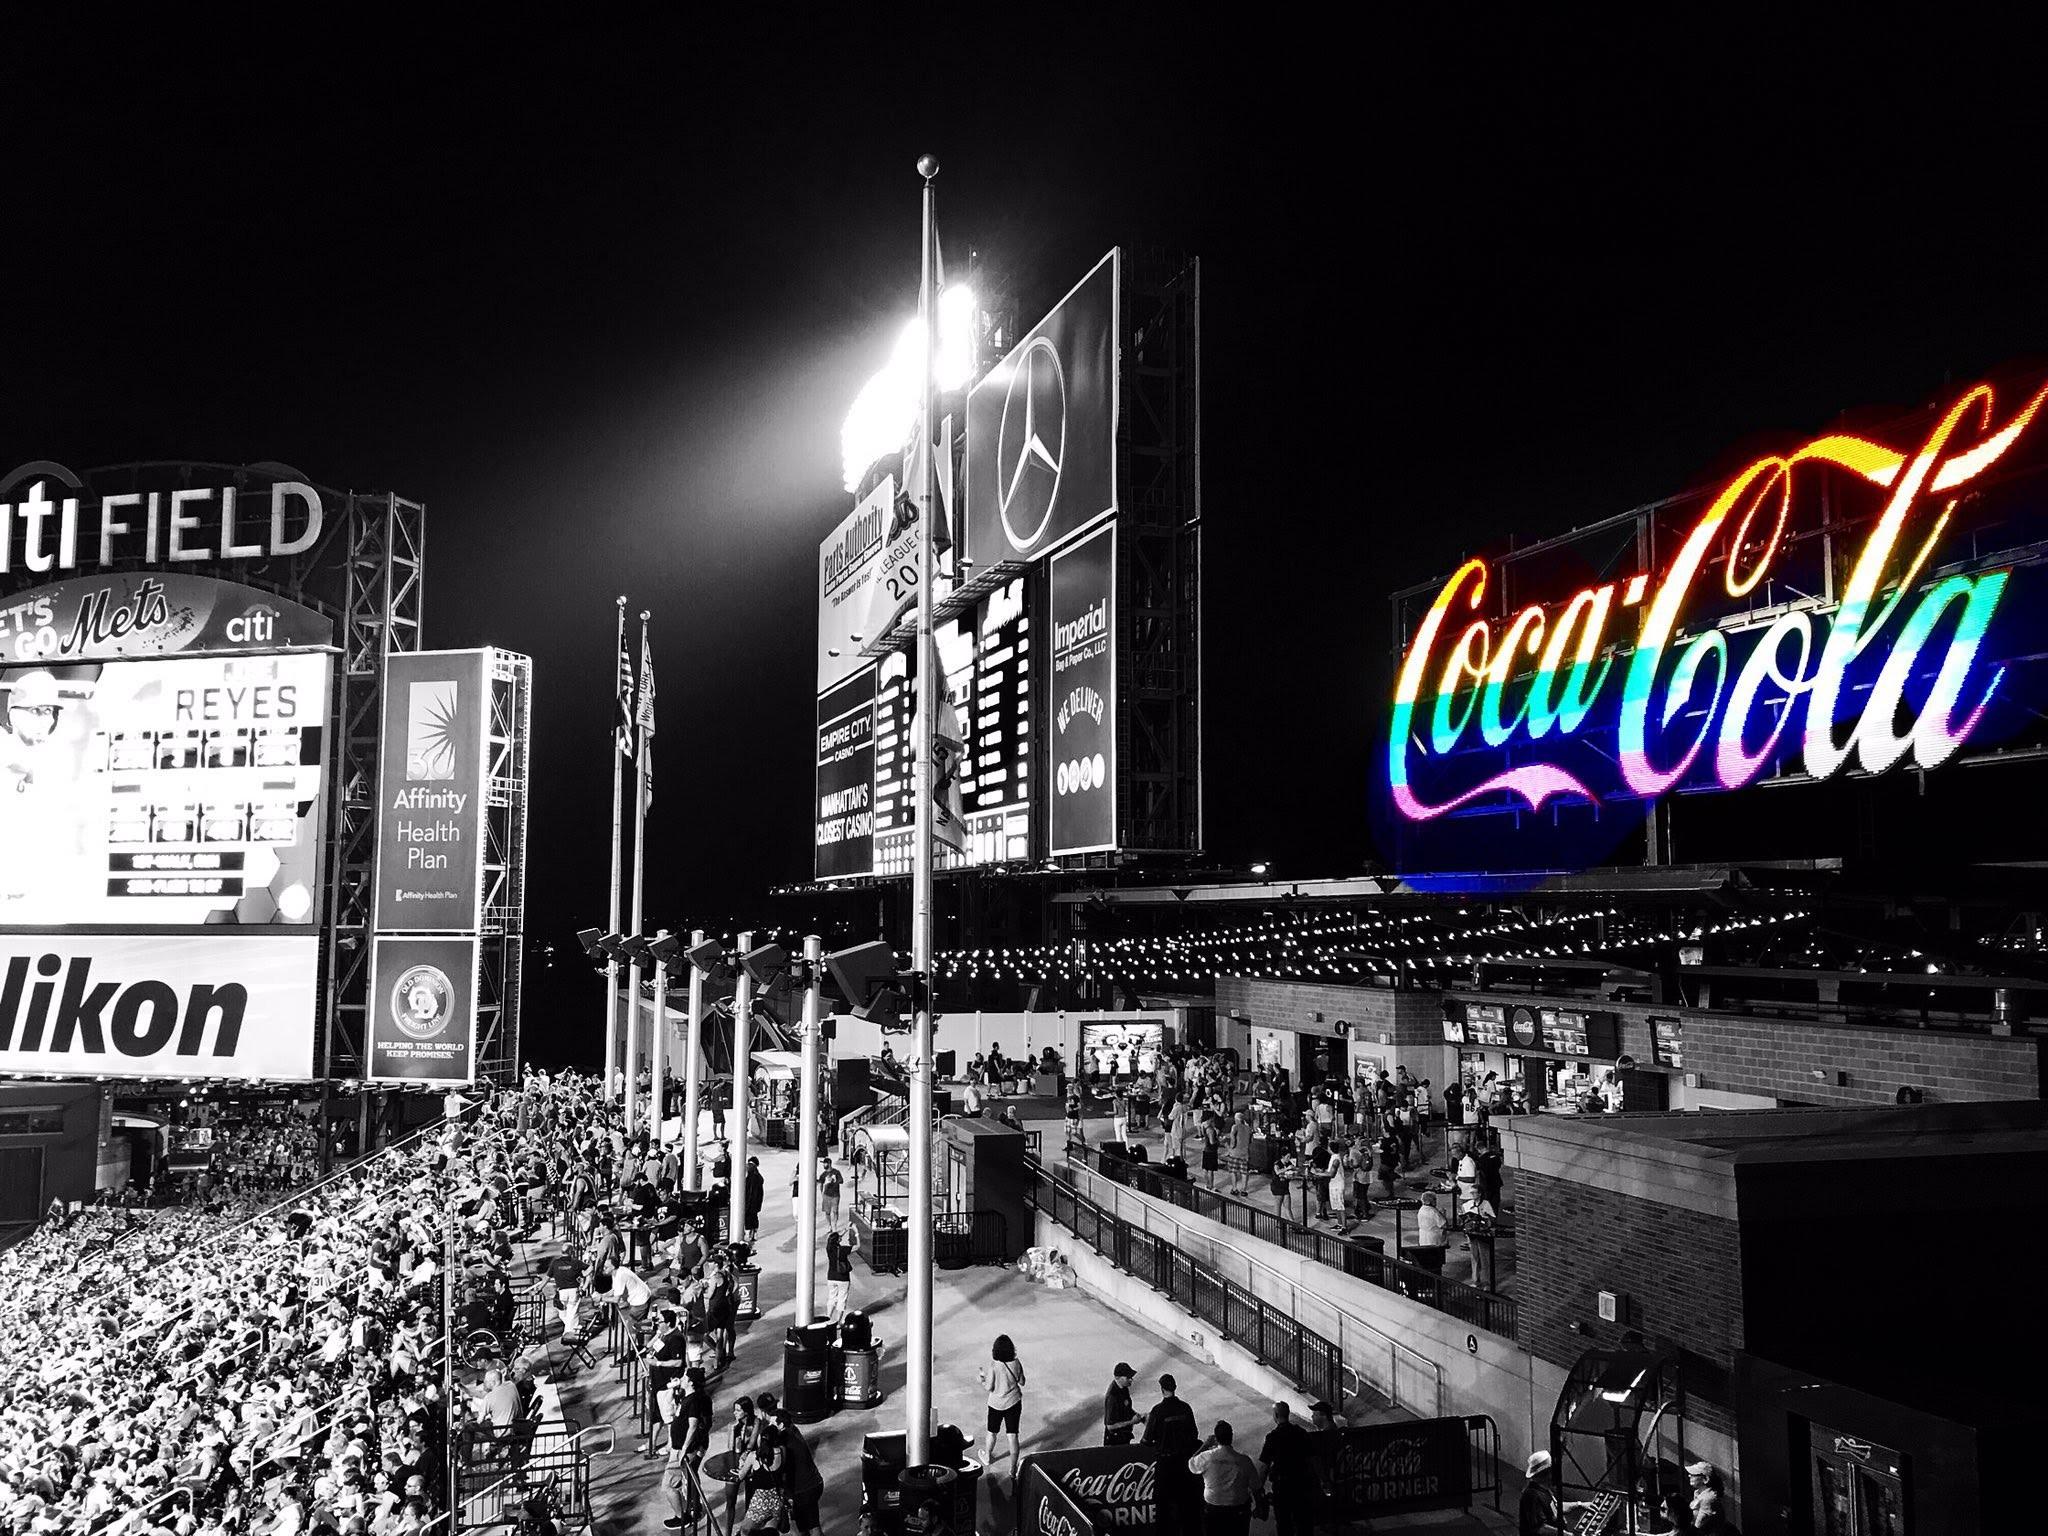 New York Mets Pride Game 2016